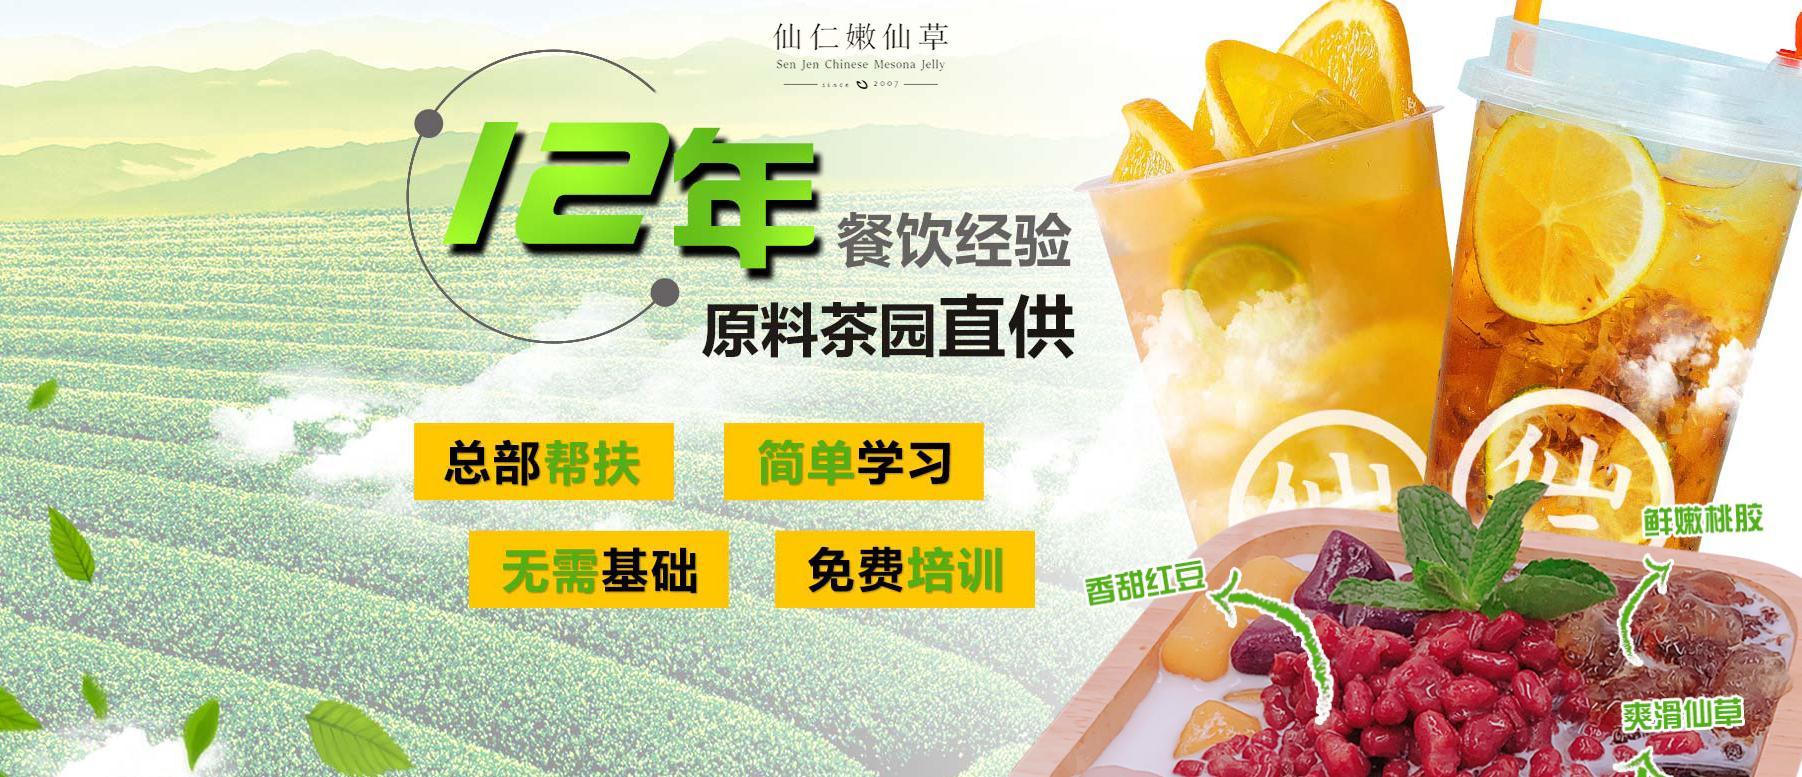 仙仁嫩仙草奶茶海报